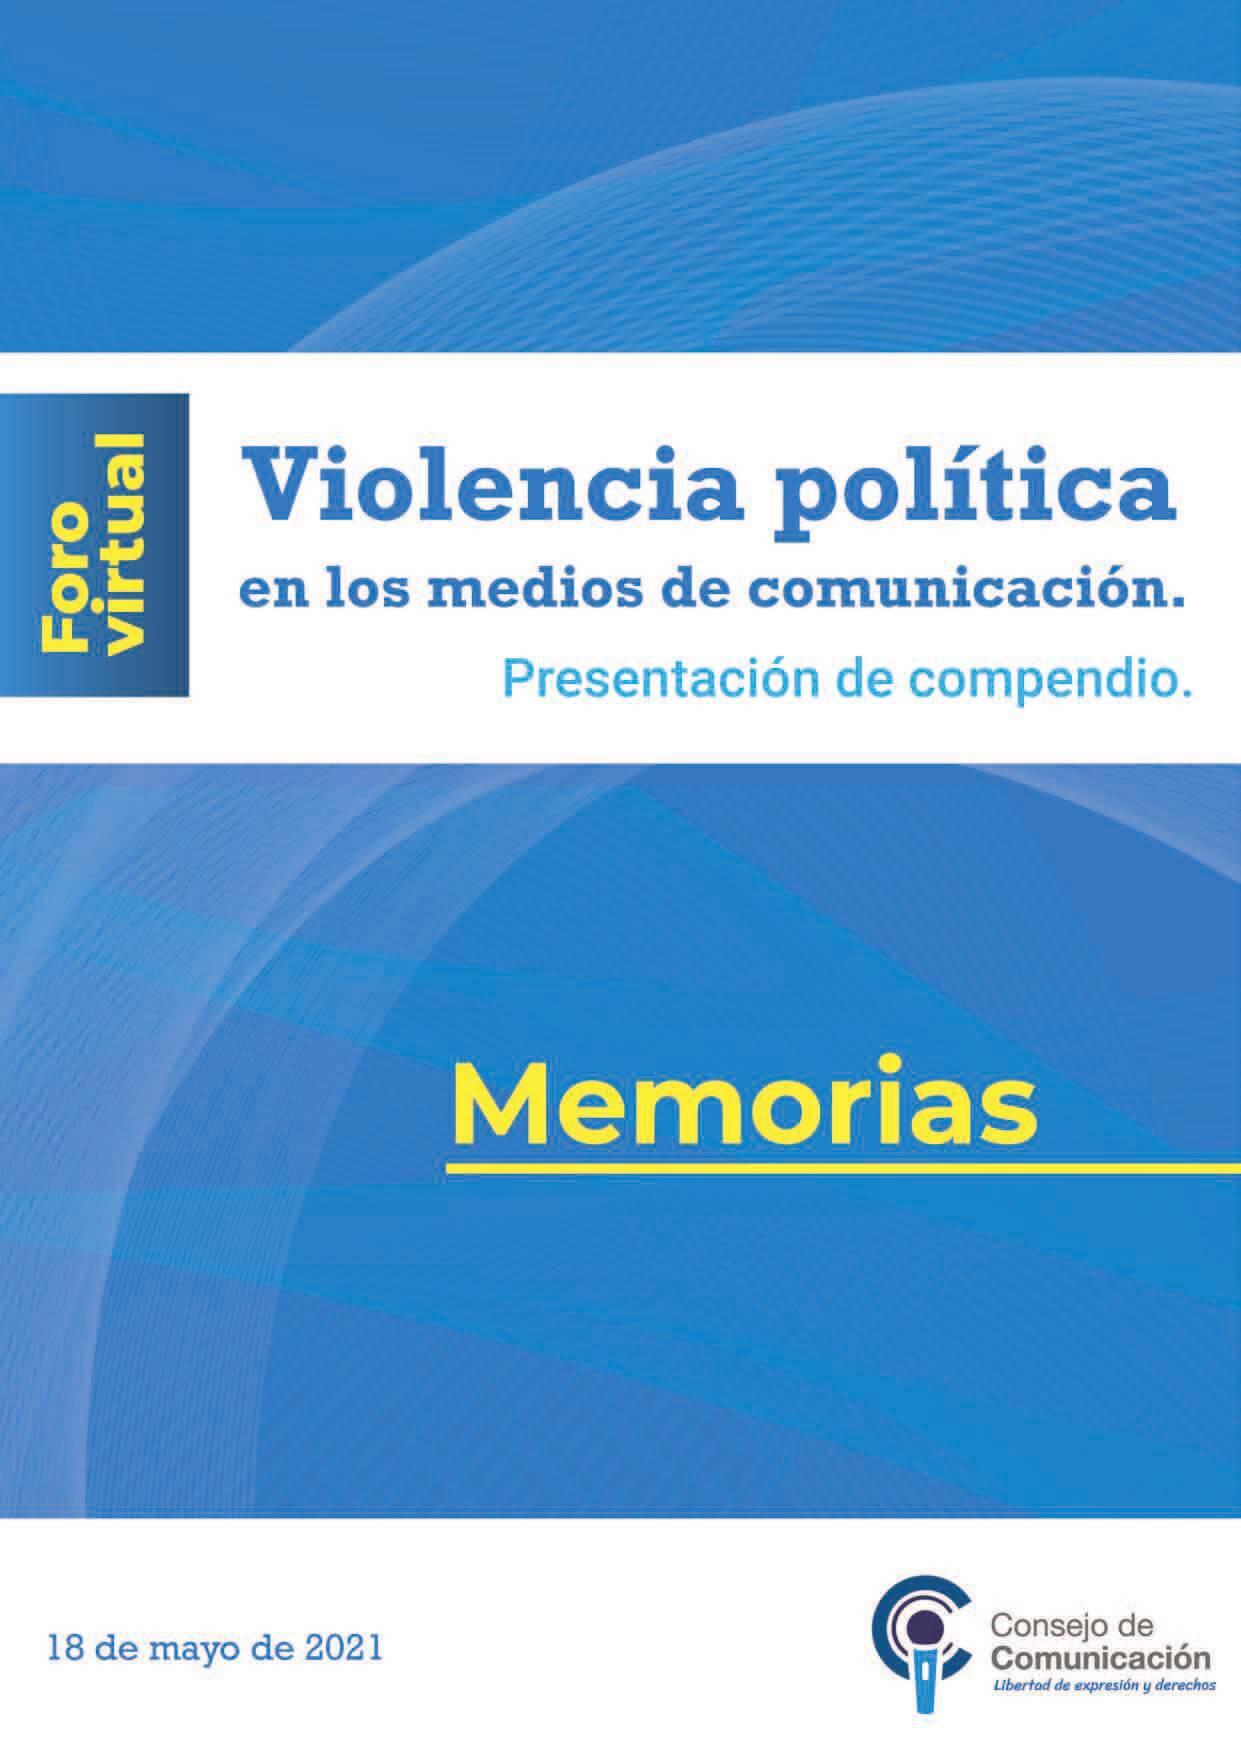 Foro virtual Violencia política en los medios de comunicación Presentación de compendio